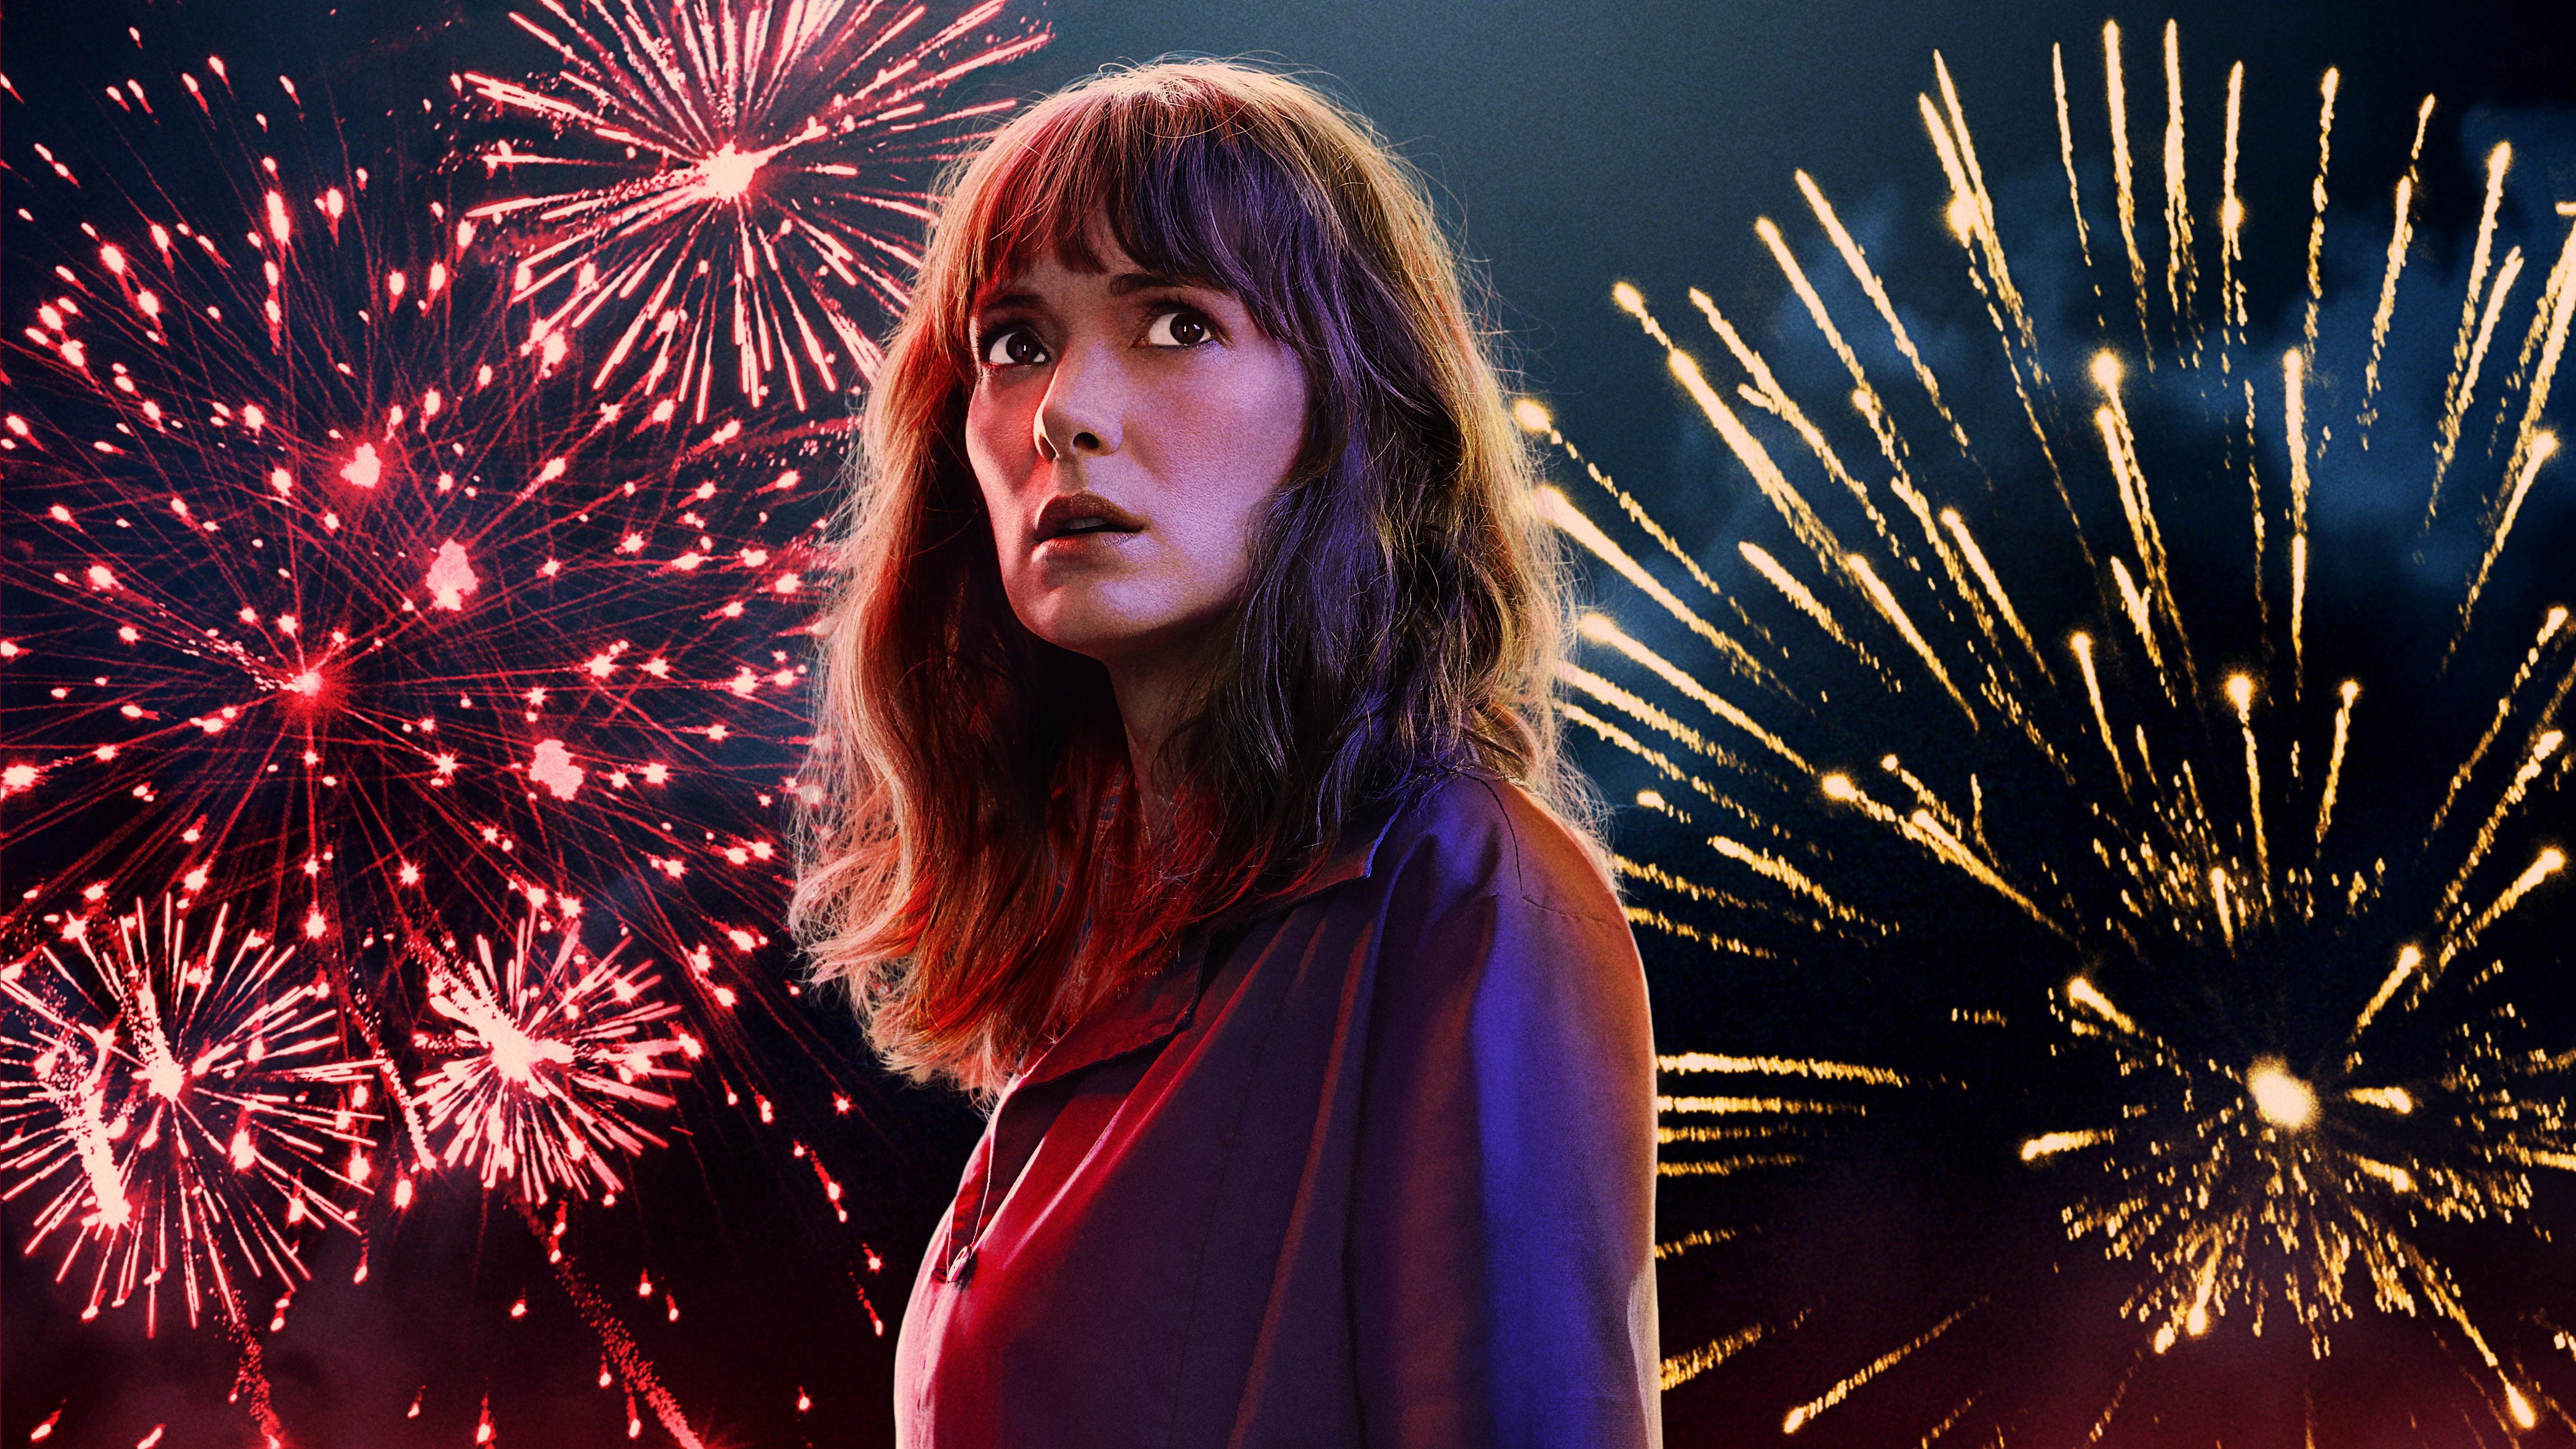 Joyce In Stranger Things Season 3 2019 5k Hd Tv Shows 4k